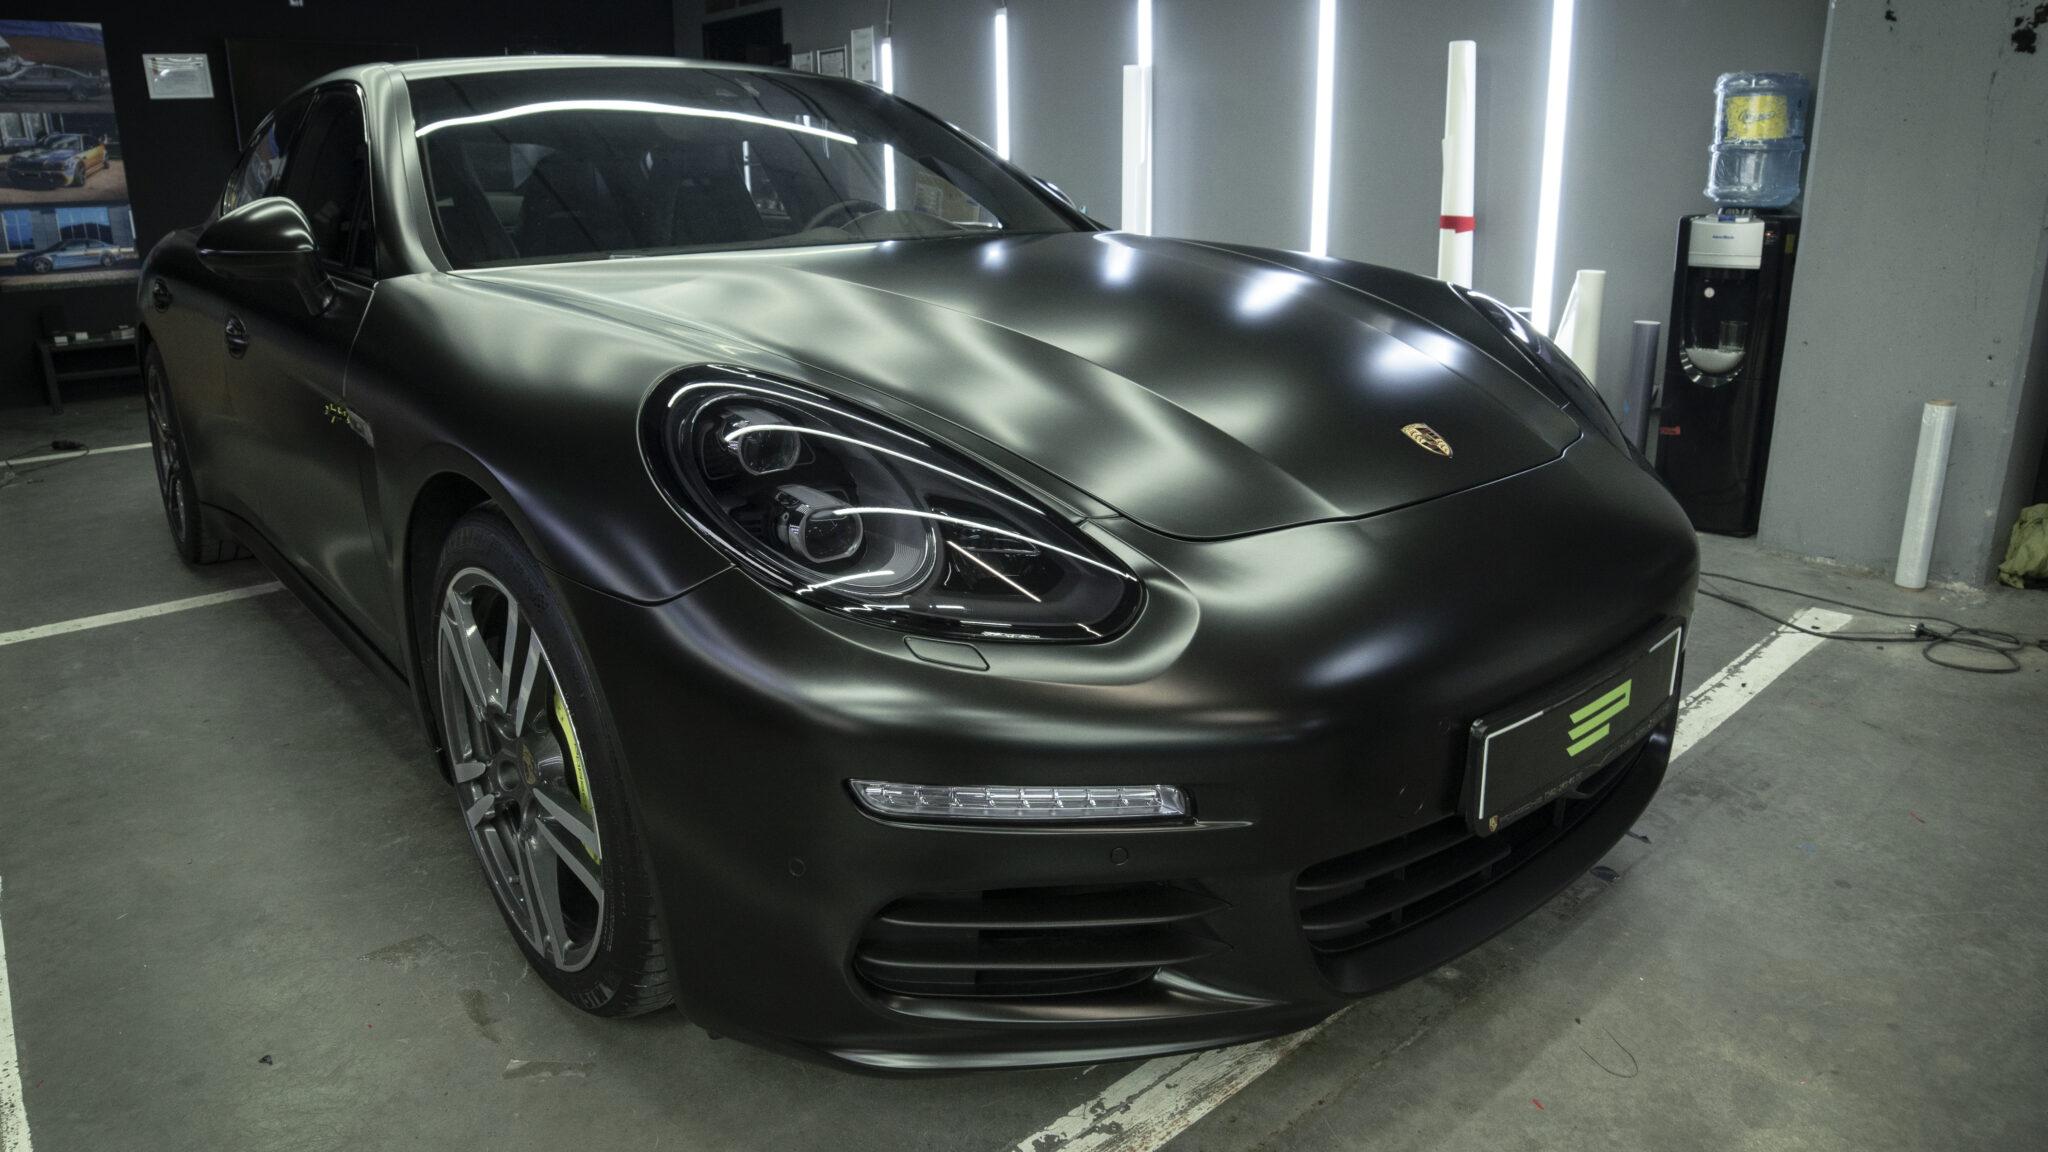 Оклейка кузова Porsche Panamera E-Hybrid в черный сатин